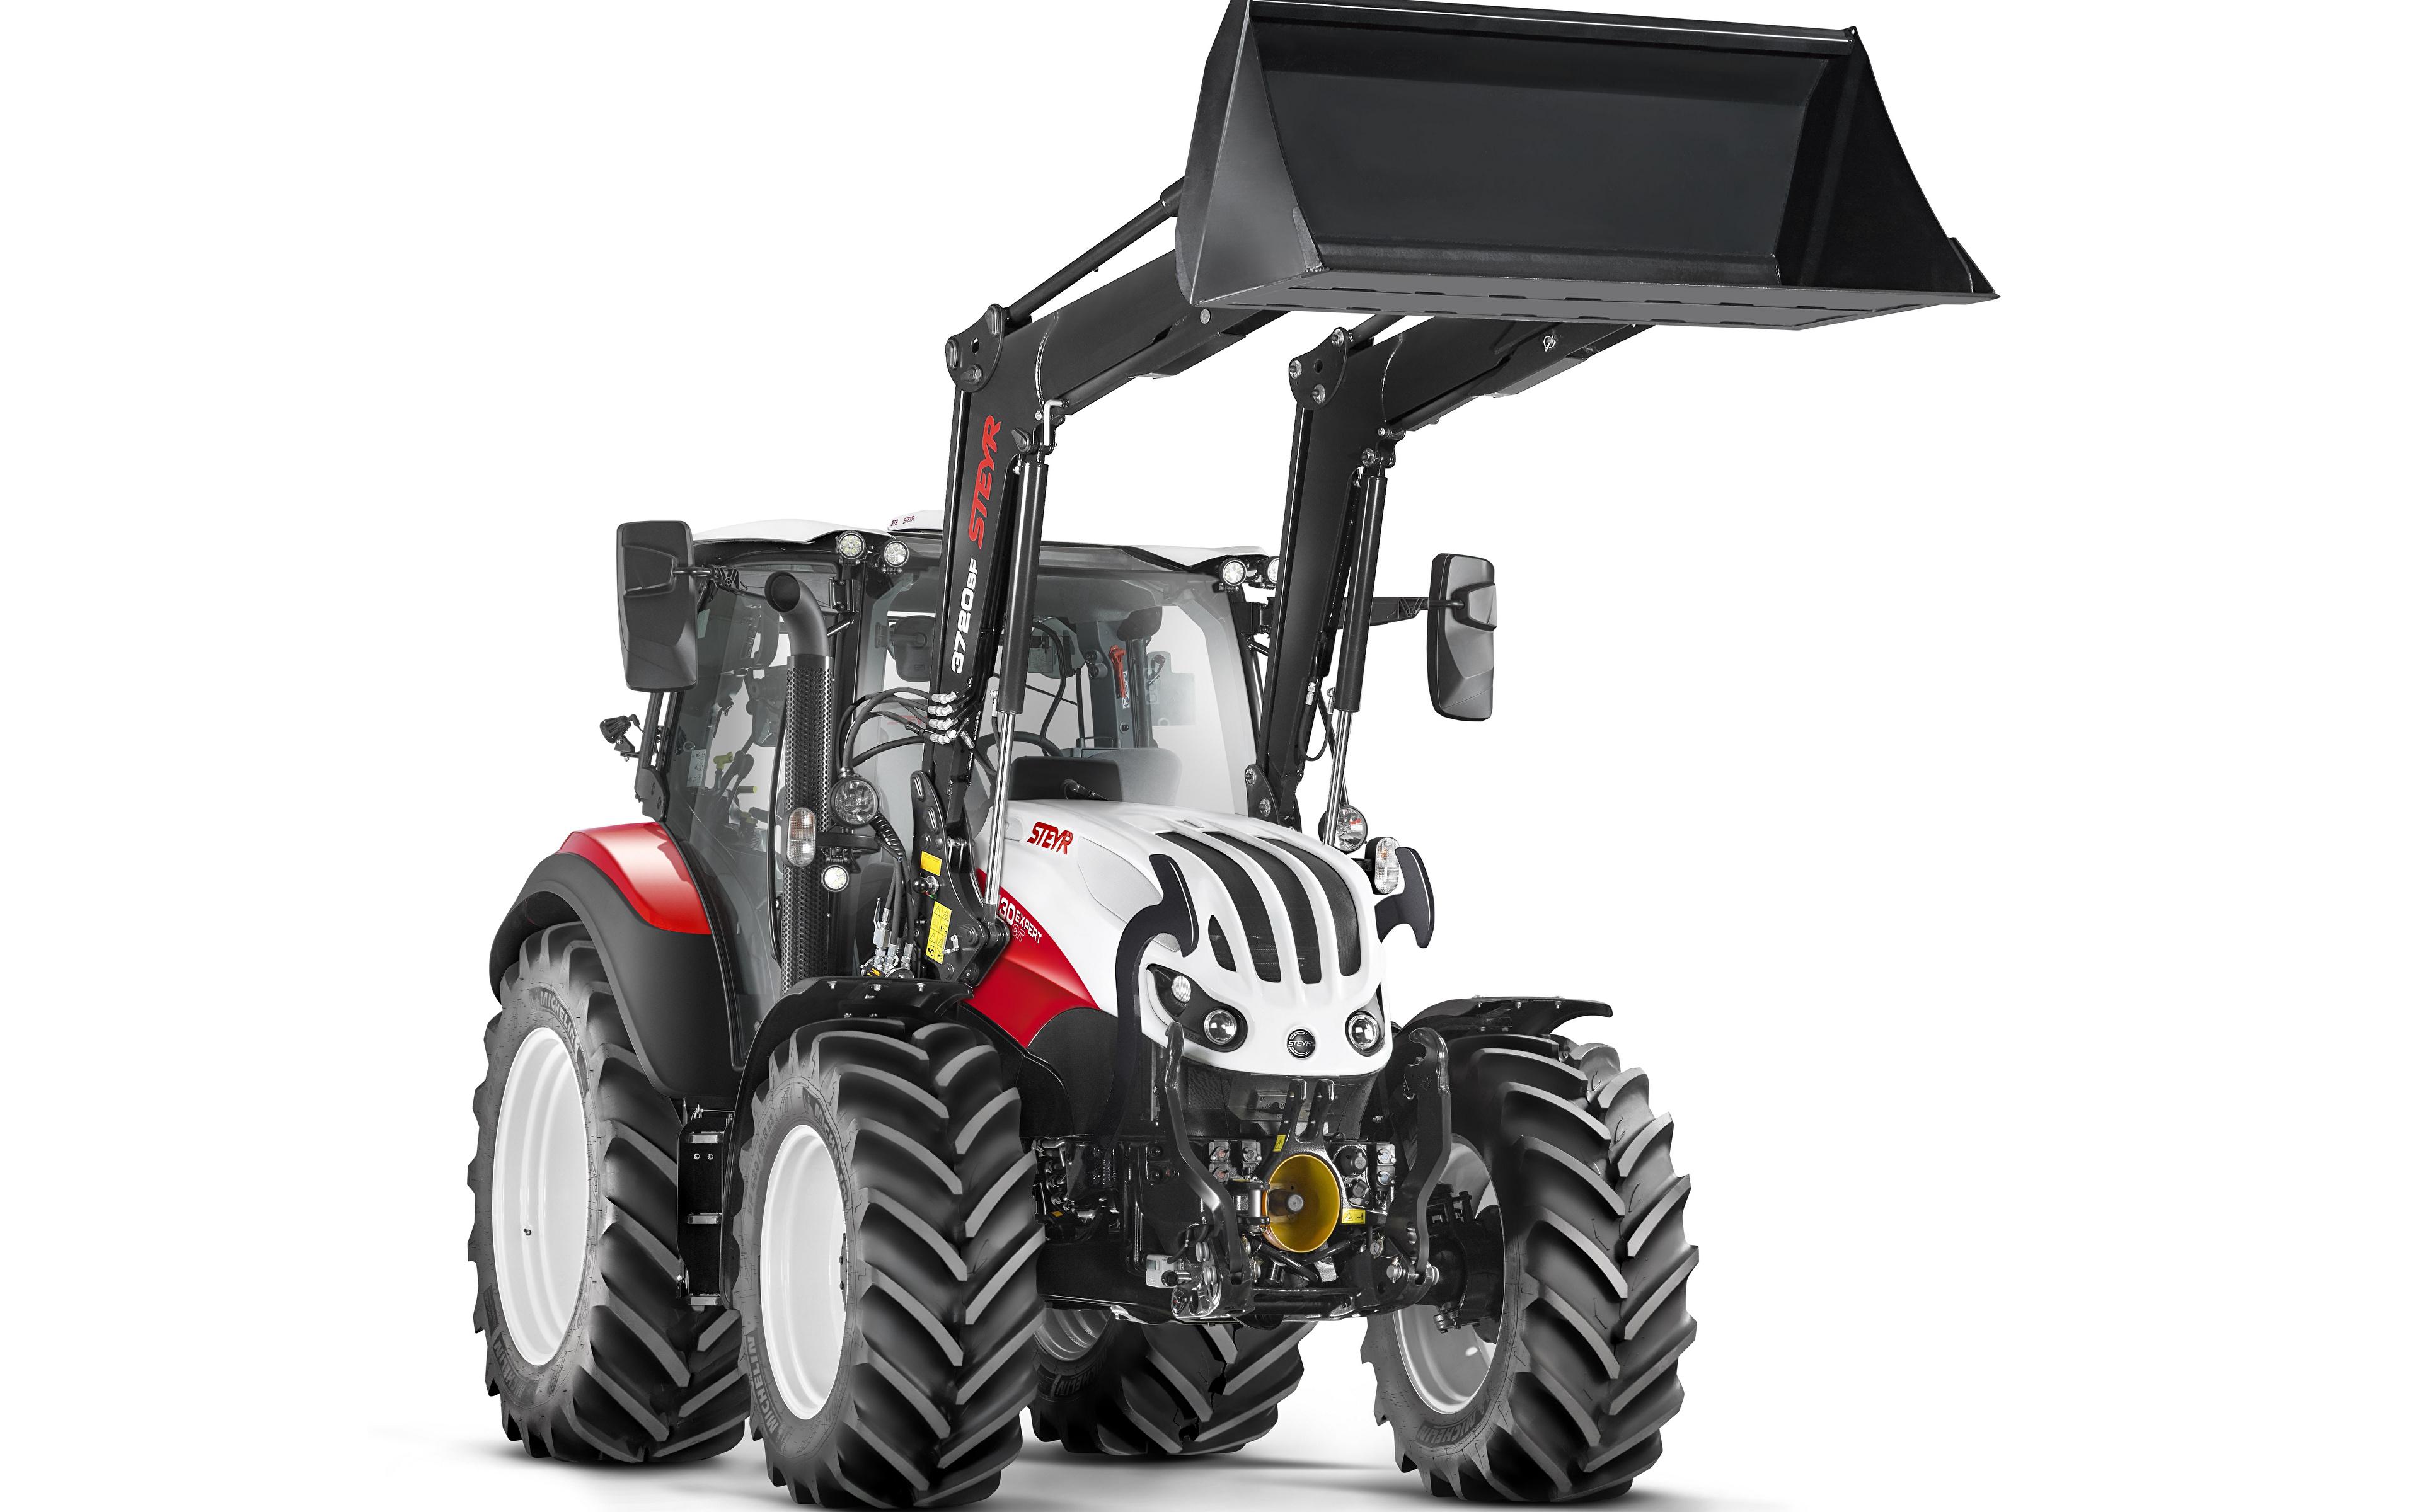 Desktop Hintergrundbilder Traktor Radlader Steyr 4130 Expert CVT, 2019 Weißer hintergrund 3840x2400 traktoren